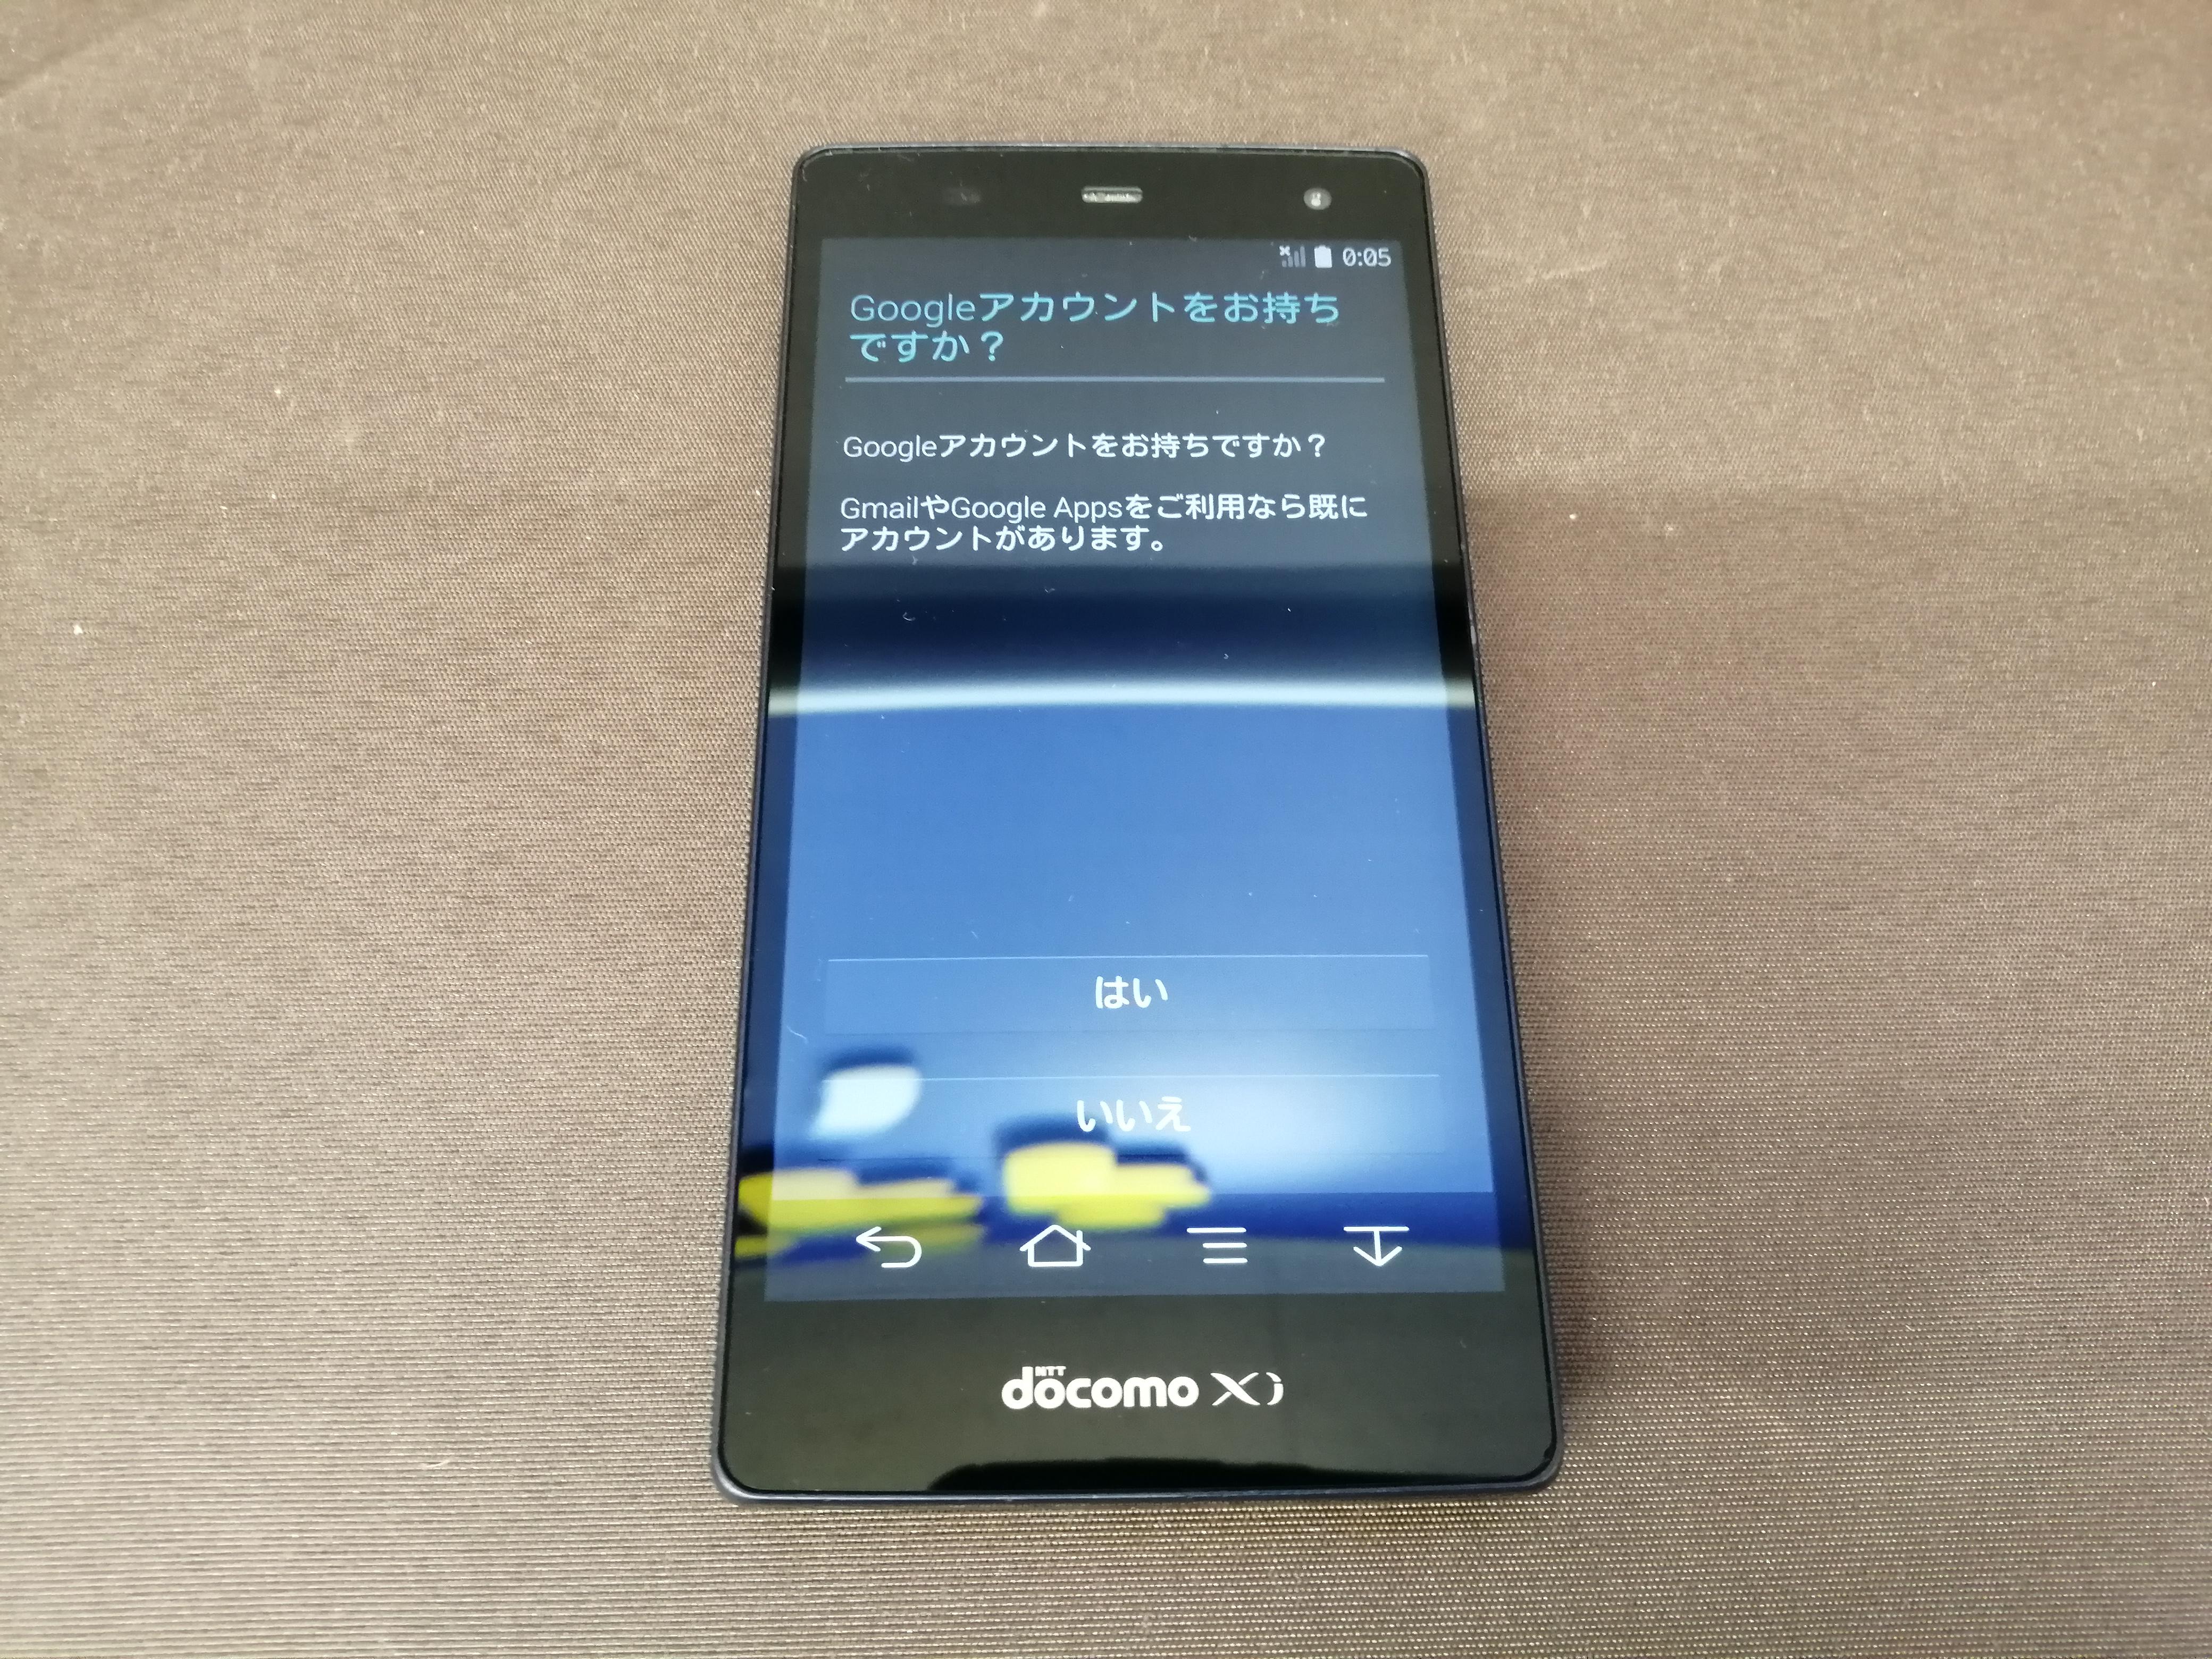 スマートフォン|FUJITSU/DOCOMO